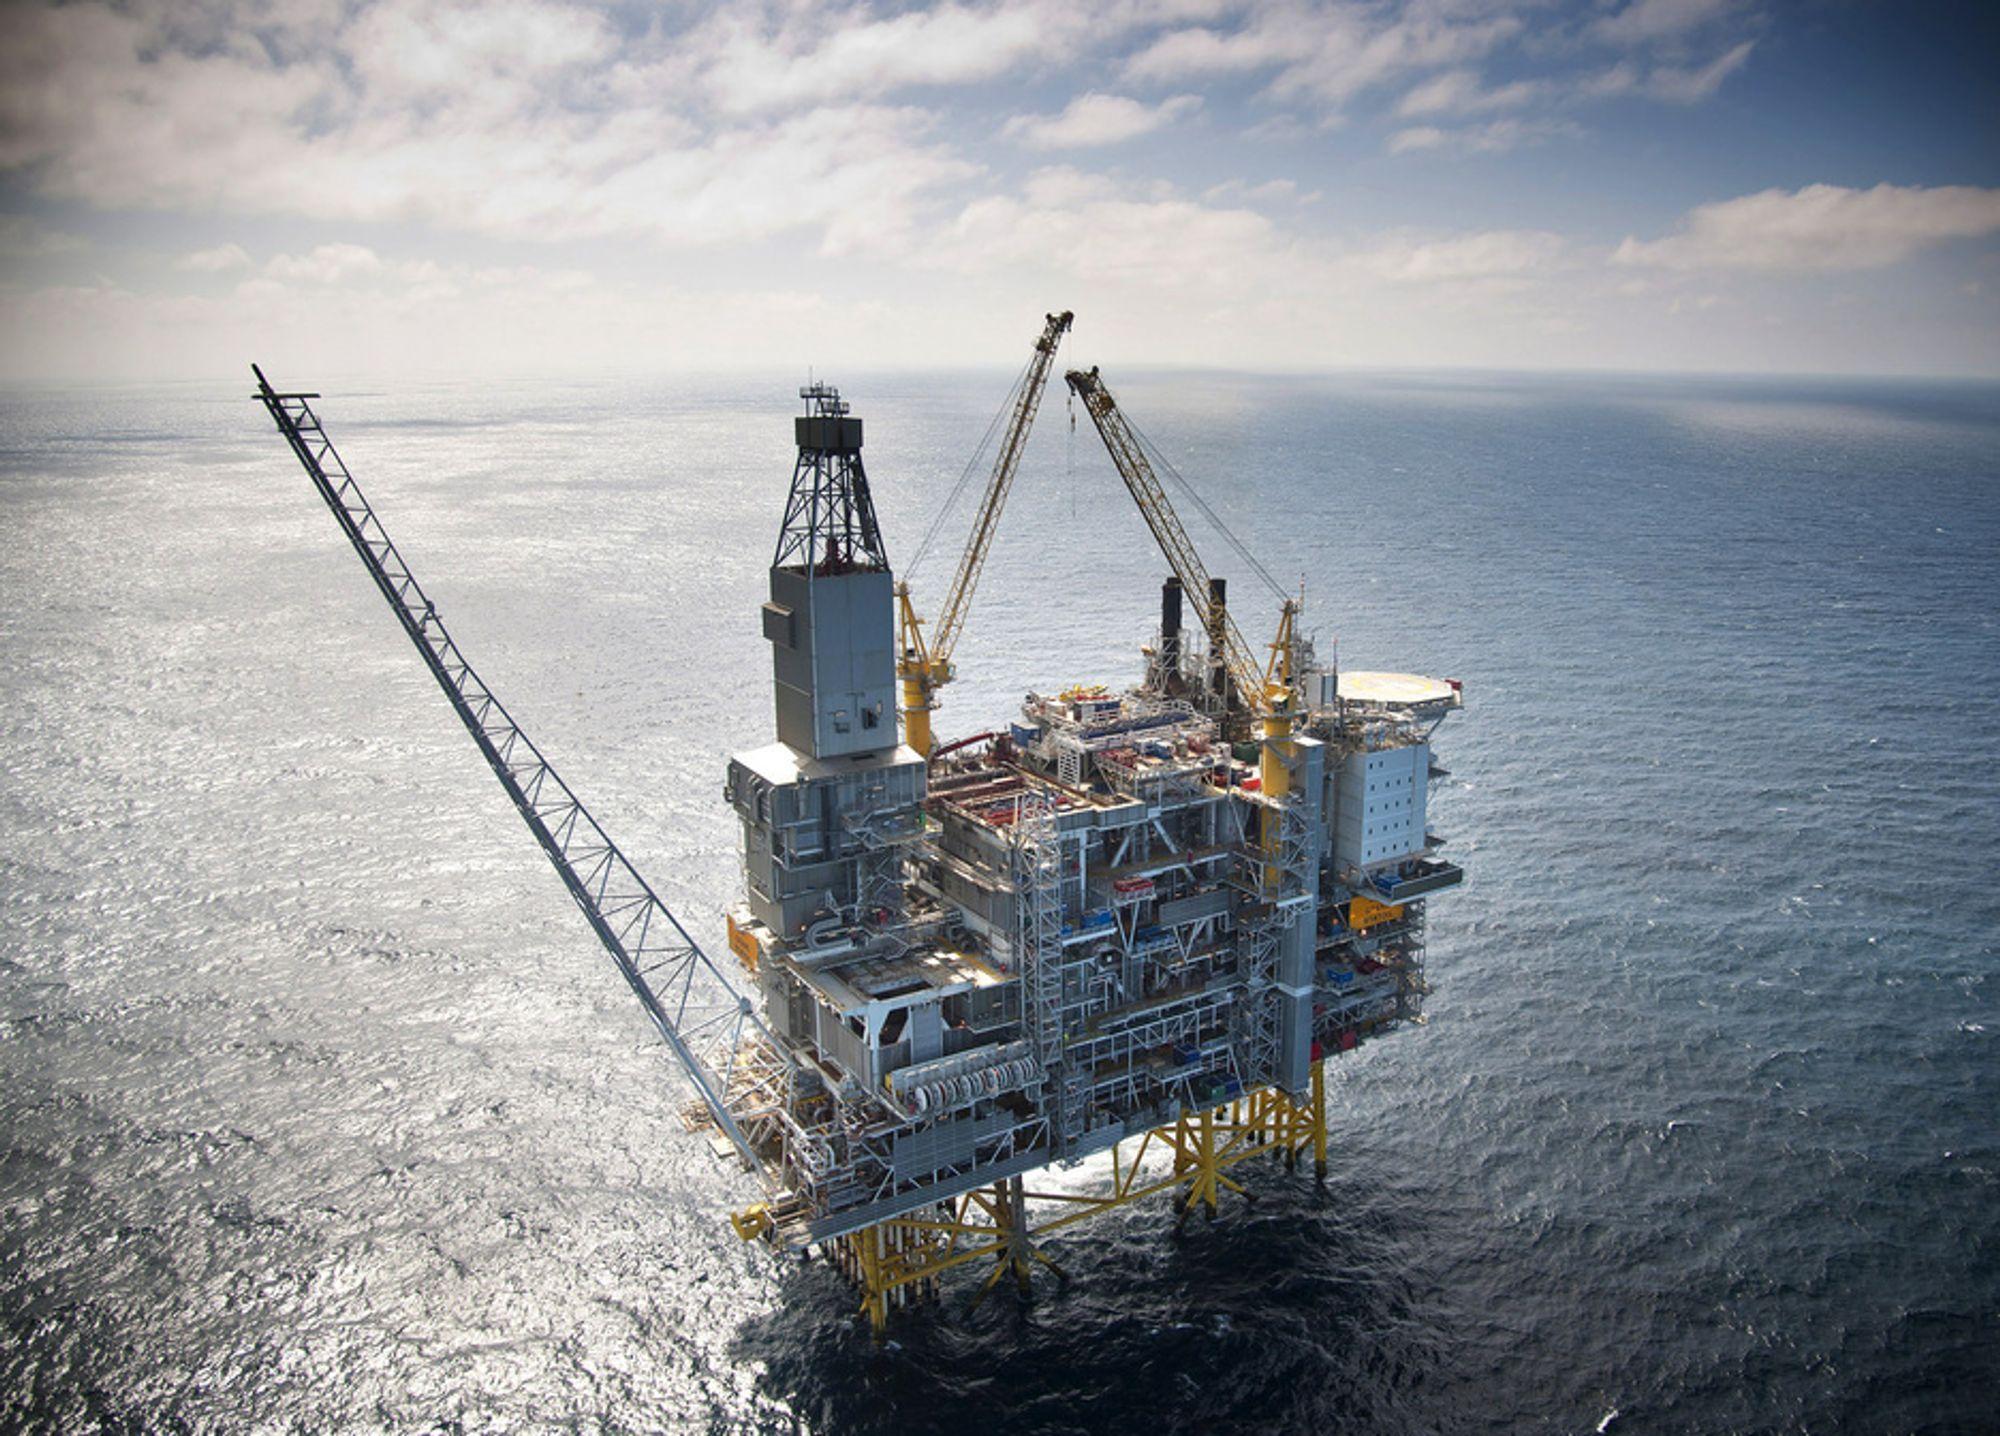 KØ AV PROSJEKTER: Oljeselskapene har en rekke felt som bygges ut med plattformer på Granes størrelse, blant annet kan Aldous/Avaldsnes bli bygget ut med tre slike plattformer. På blokka i dag prosjekteres Hild for Total, Mariner for Statoil og Lundo for Lundin, alle prosjekter av Granes størrelse.